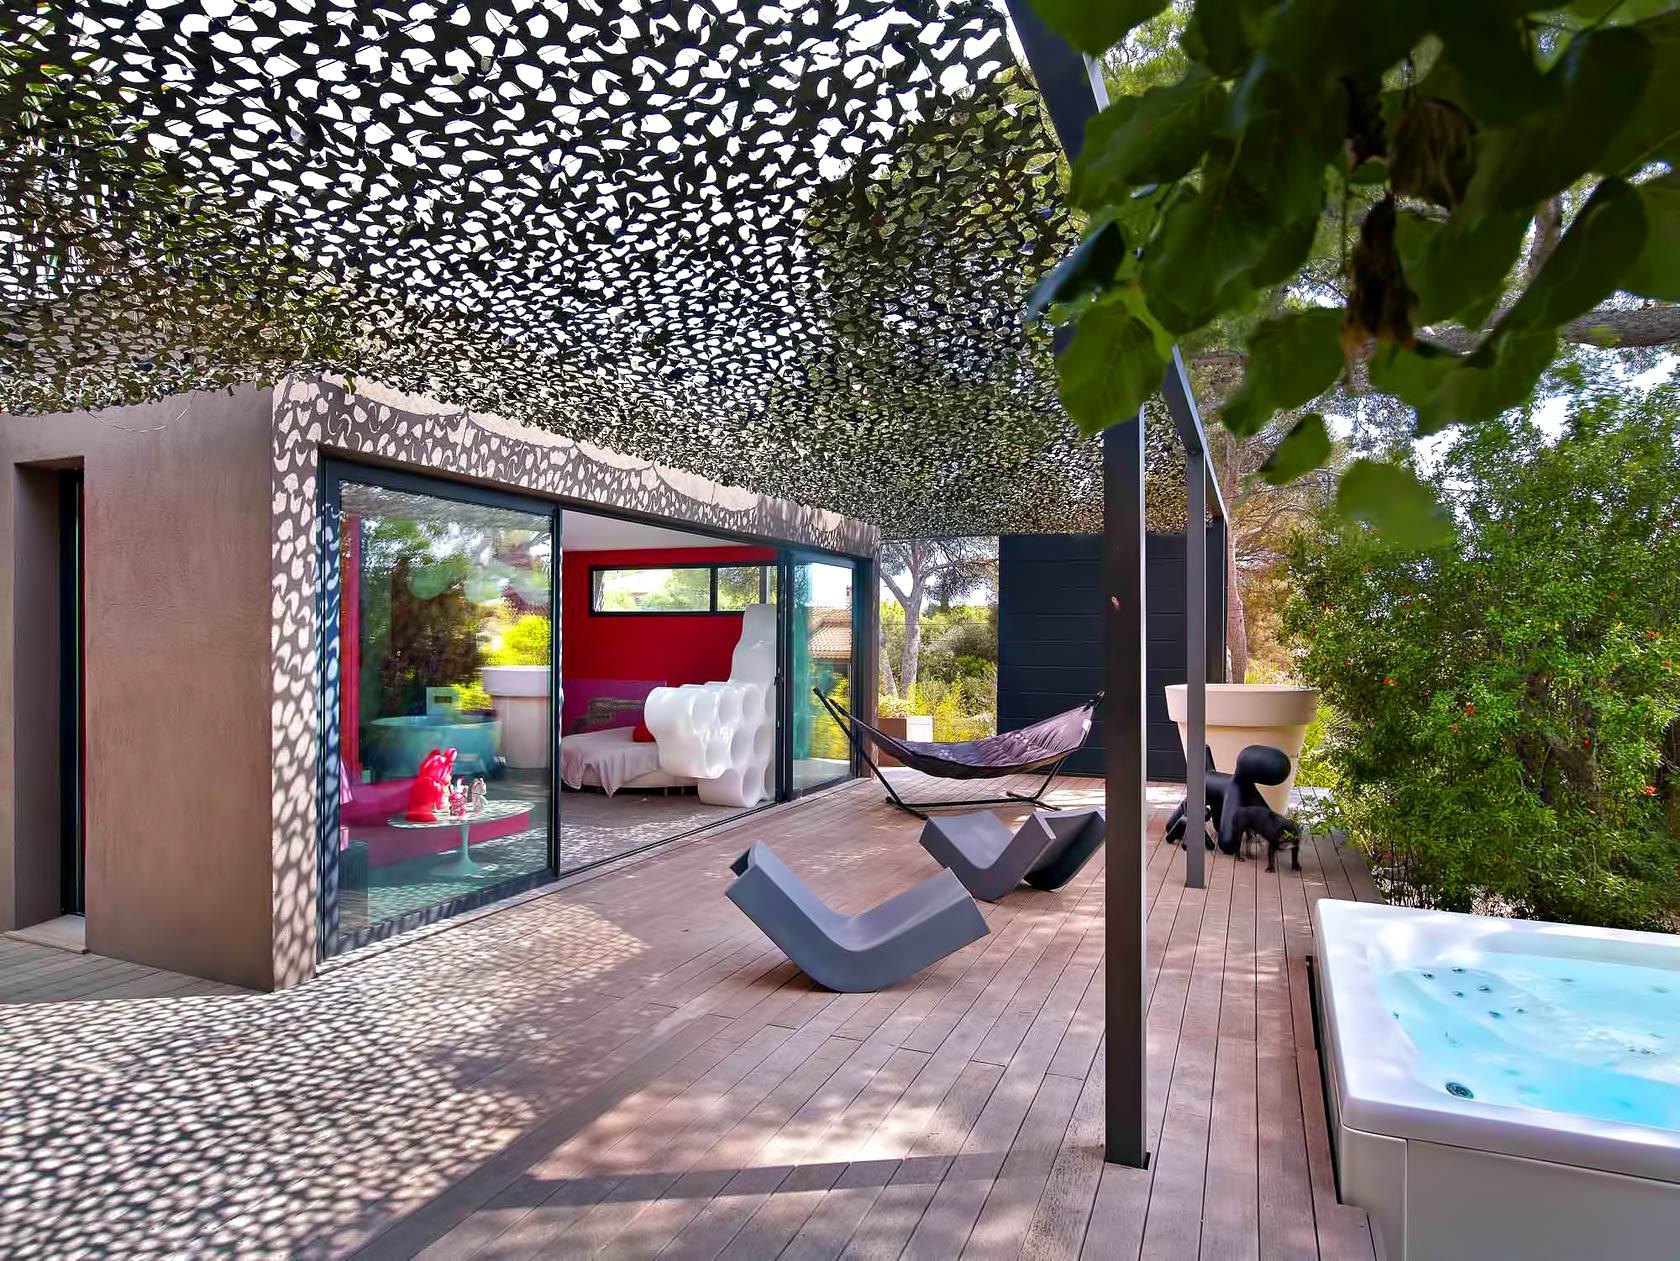 Villa de Prestige - Saint-Raphaël, Provence-Alpes-Côte d'Azur, France